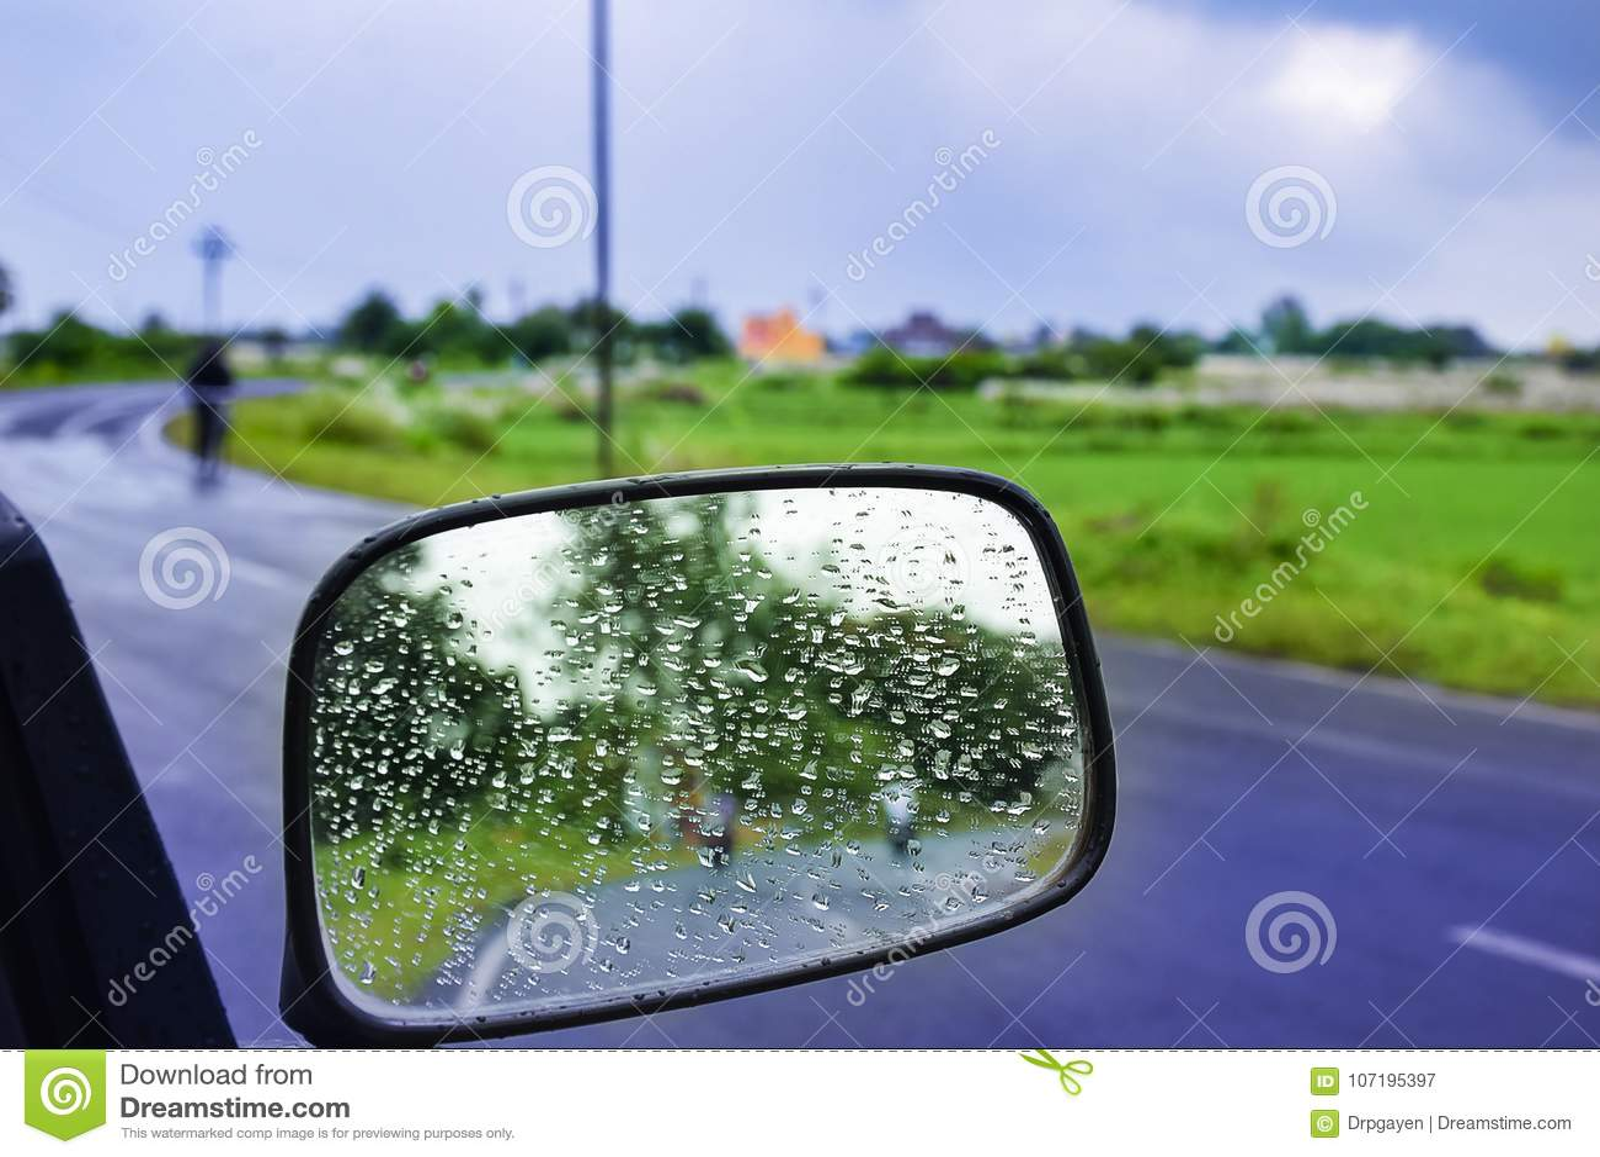 Vetro di finestra dello specchio di AUTOMOBILE IN MOVIMENTO - VIAGGIANDO con la condensazione delle gocce di acqua naturali Foto